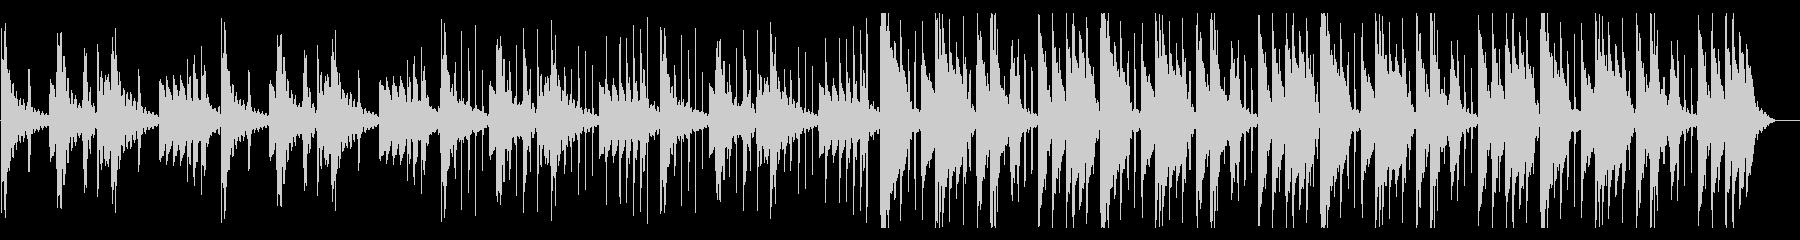 のんびりしたHiphop_No611_3の未再生の波形